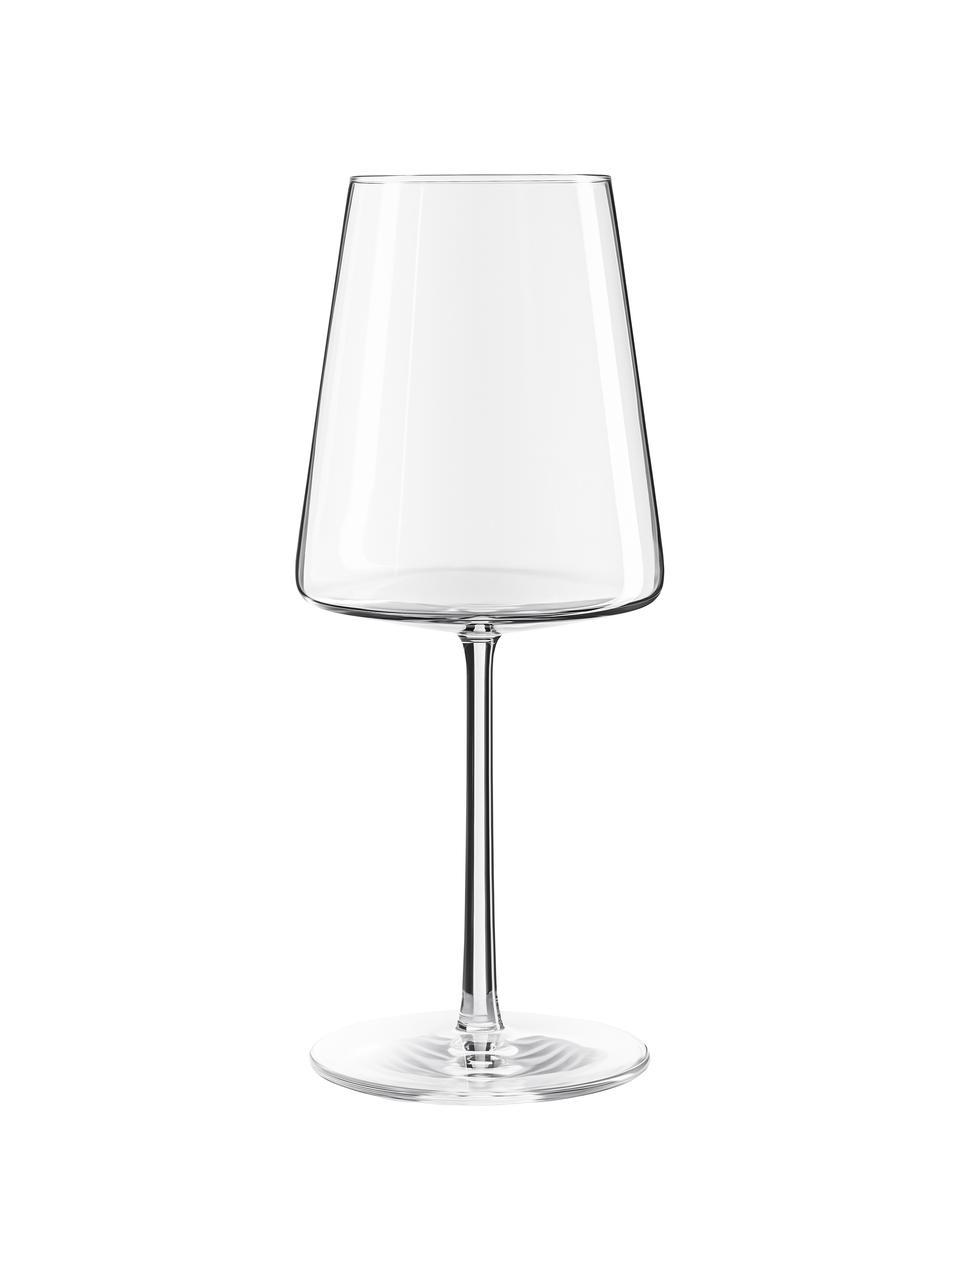 Bicchiere vino rosso in cristallo a forma di cono Power 6 pz, Cristallo, Trasparente, Ø 9 x Alt. 23 cm